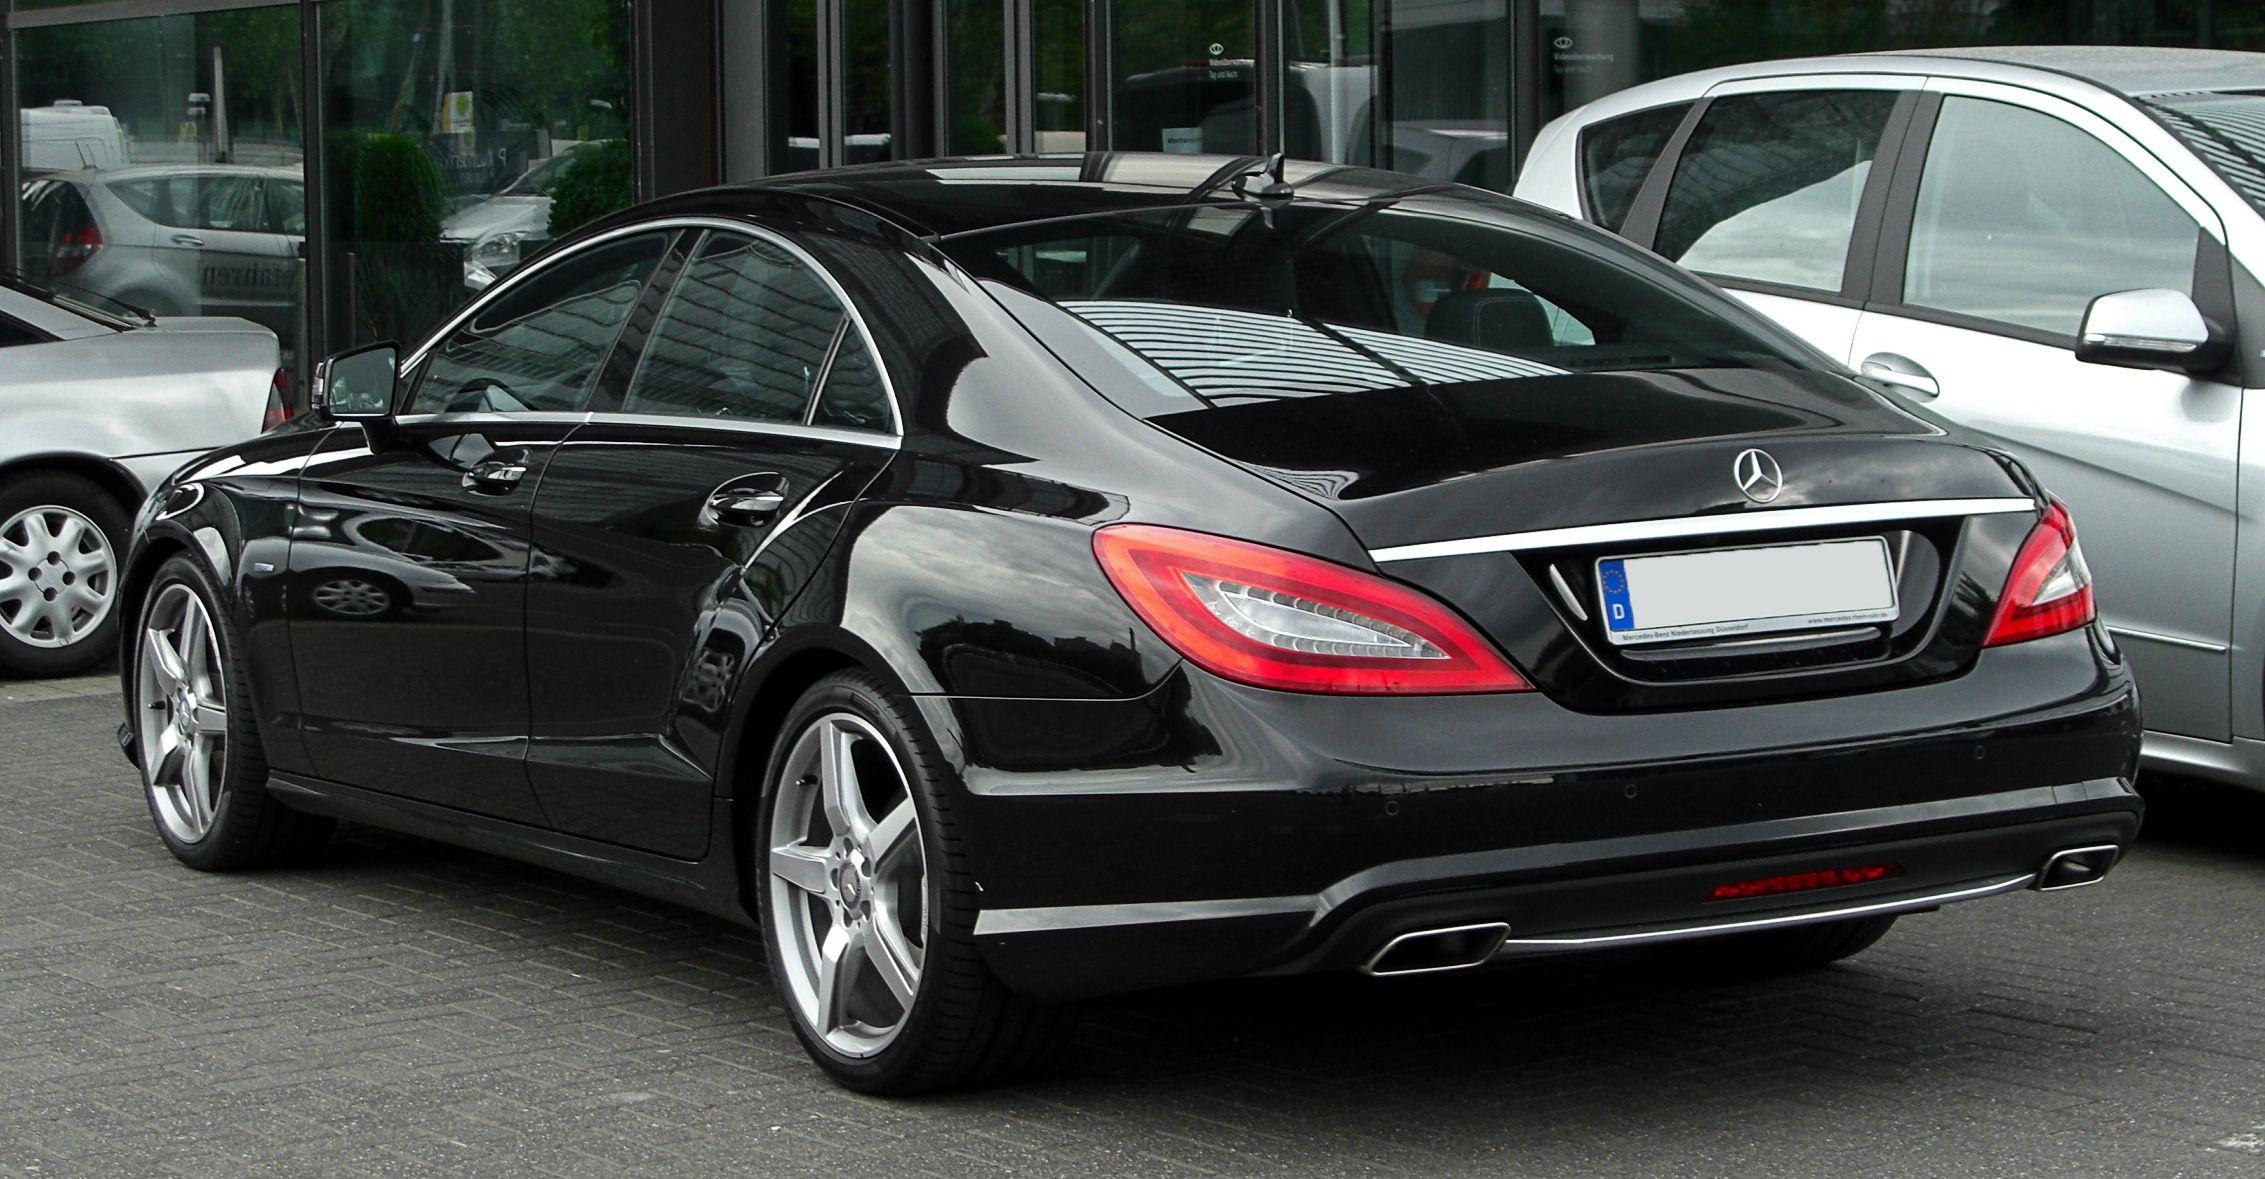 Black Cls 500 Mercedes Cls